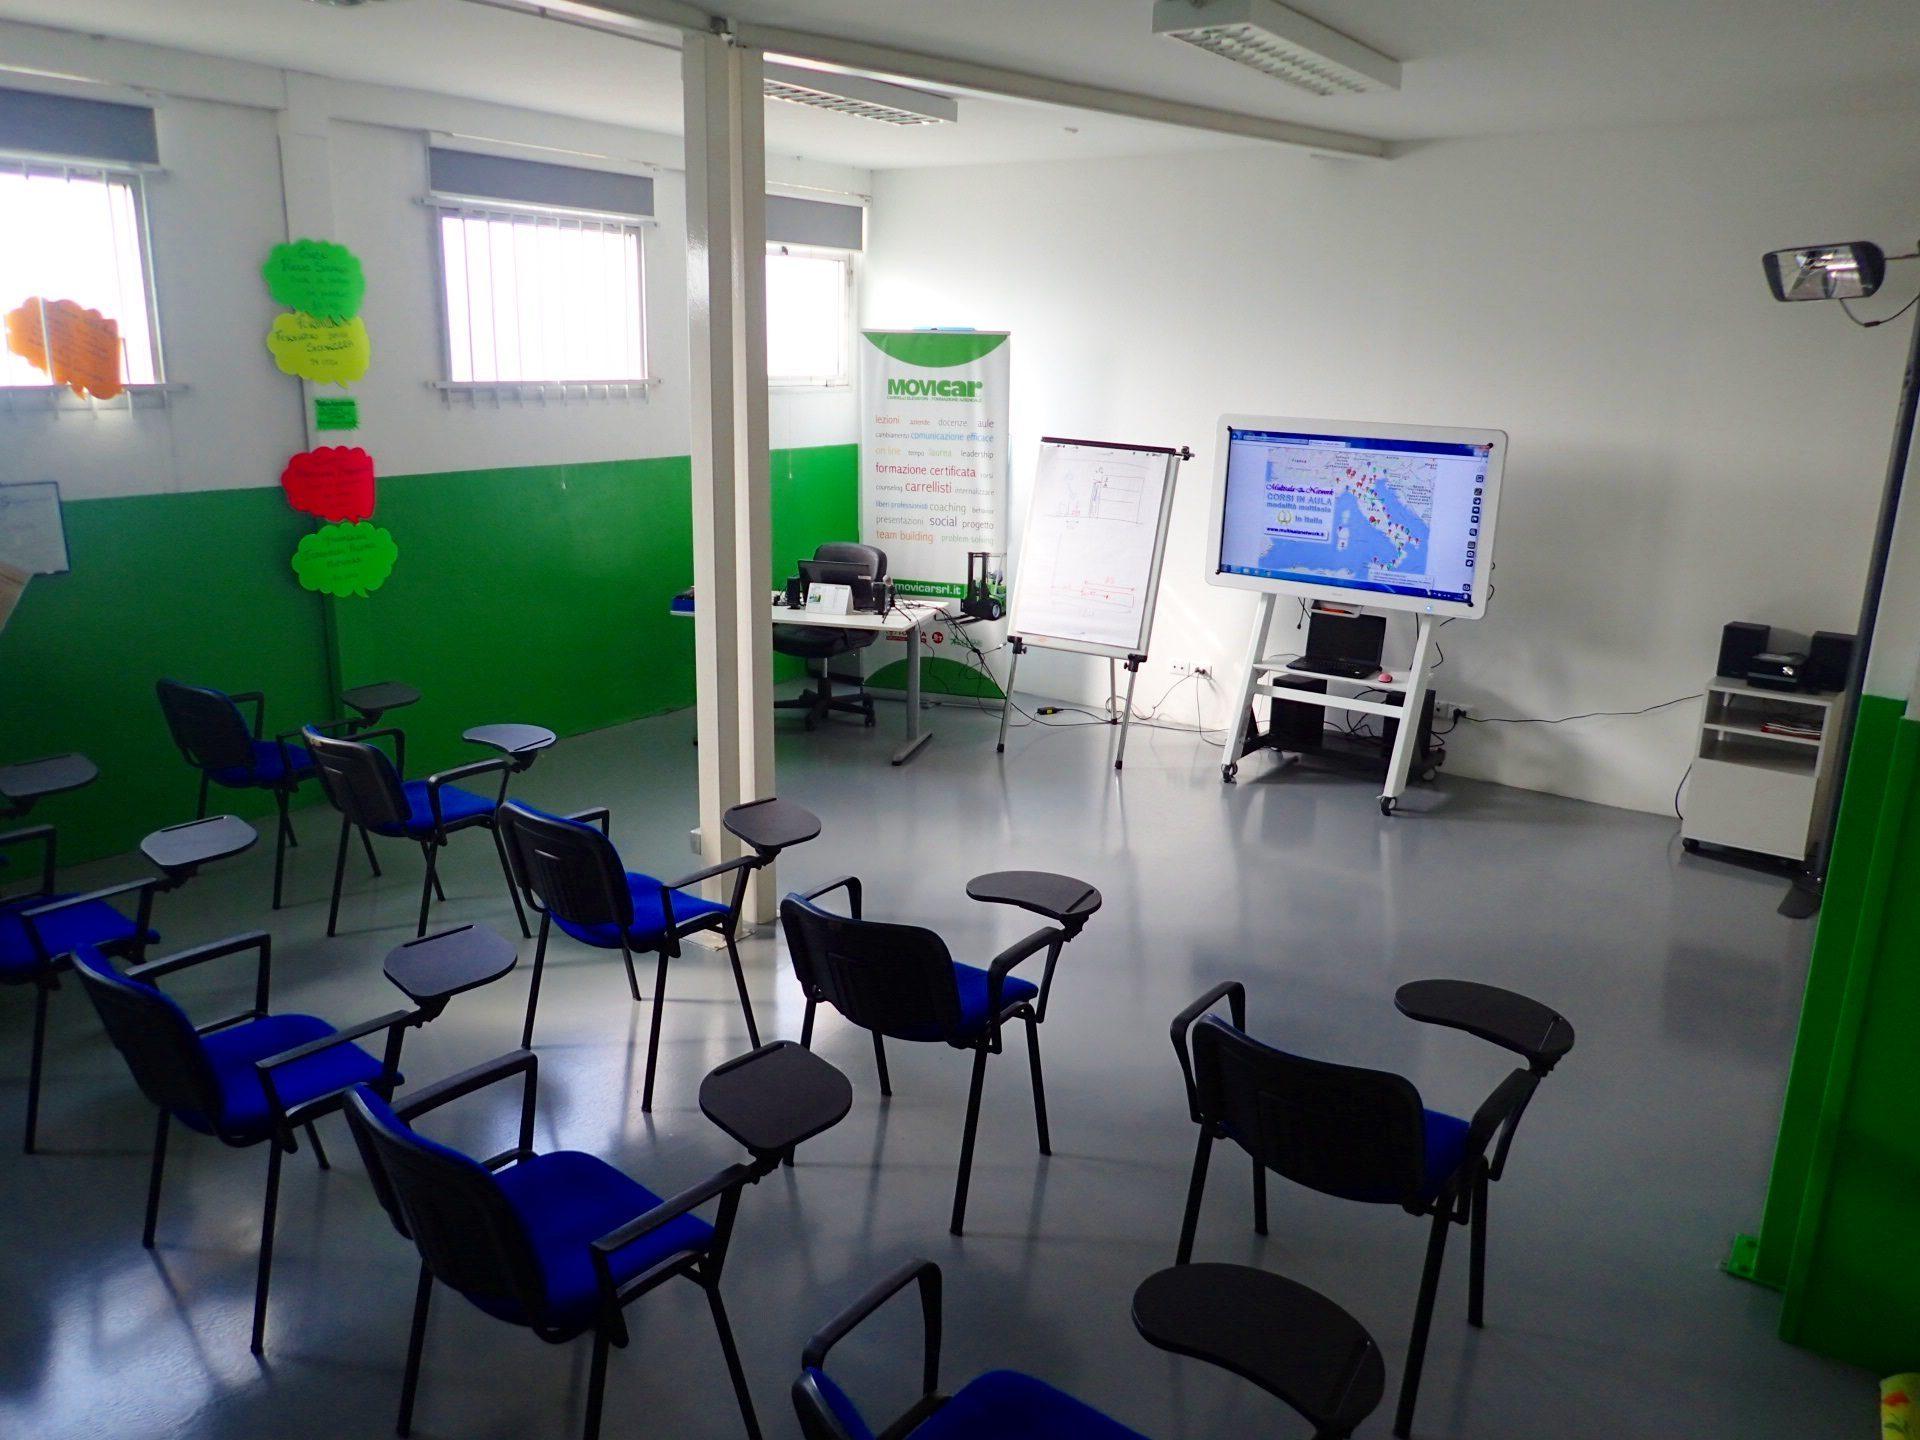 corsi in aula modalità multisala